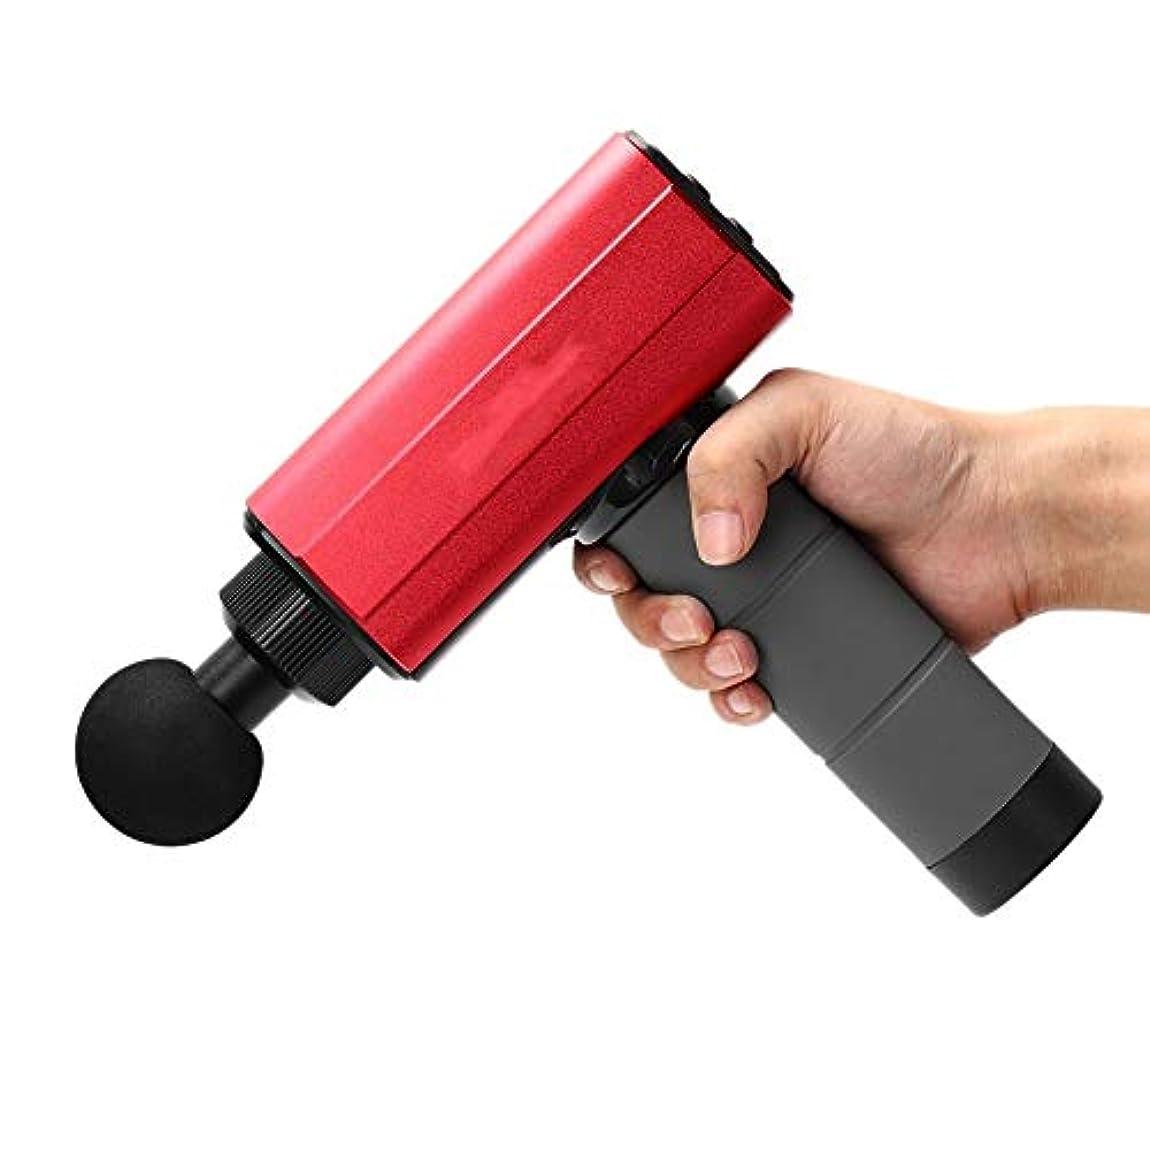 優しさ排気医療の手持ち型の深いティッシュ筋肉マッサージャー銃の再充電可能なマッサージ装置、体の痛みのための専門のコードレスパーカッション(US Plug)